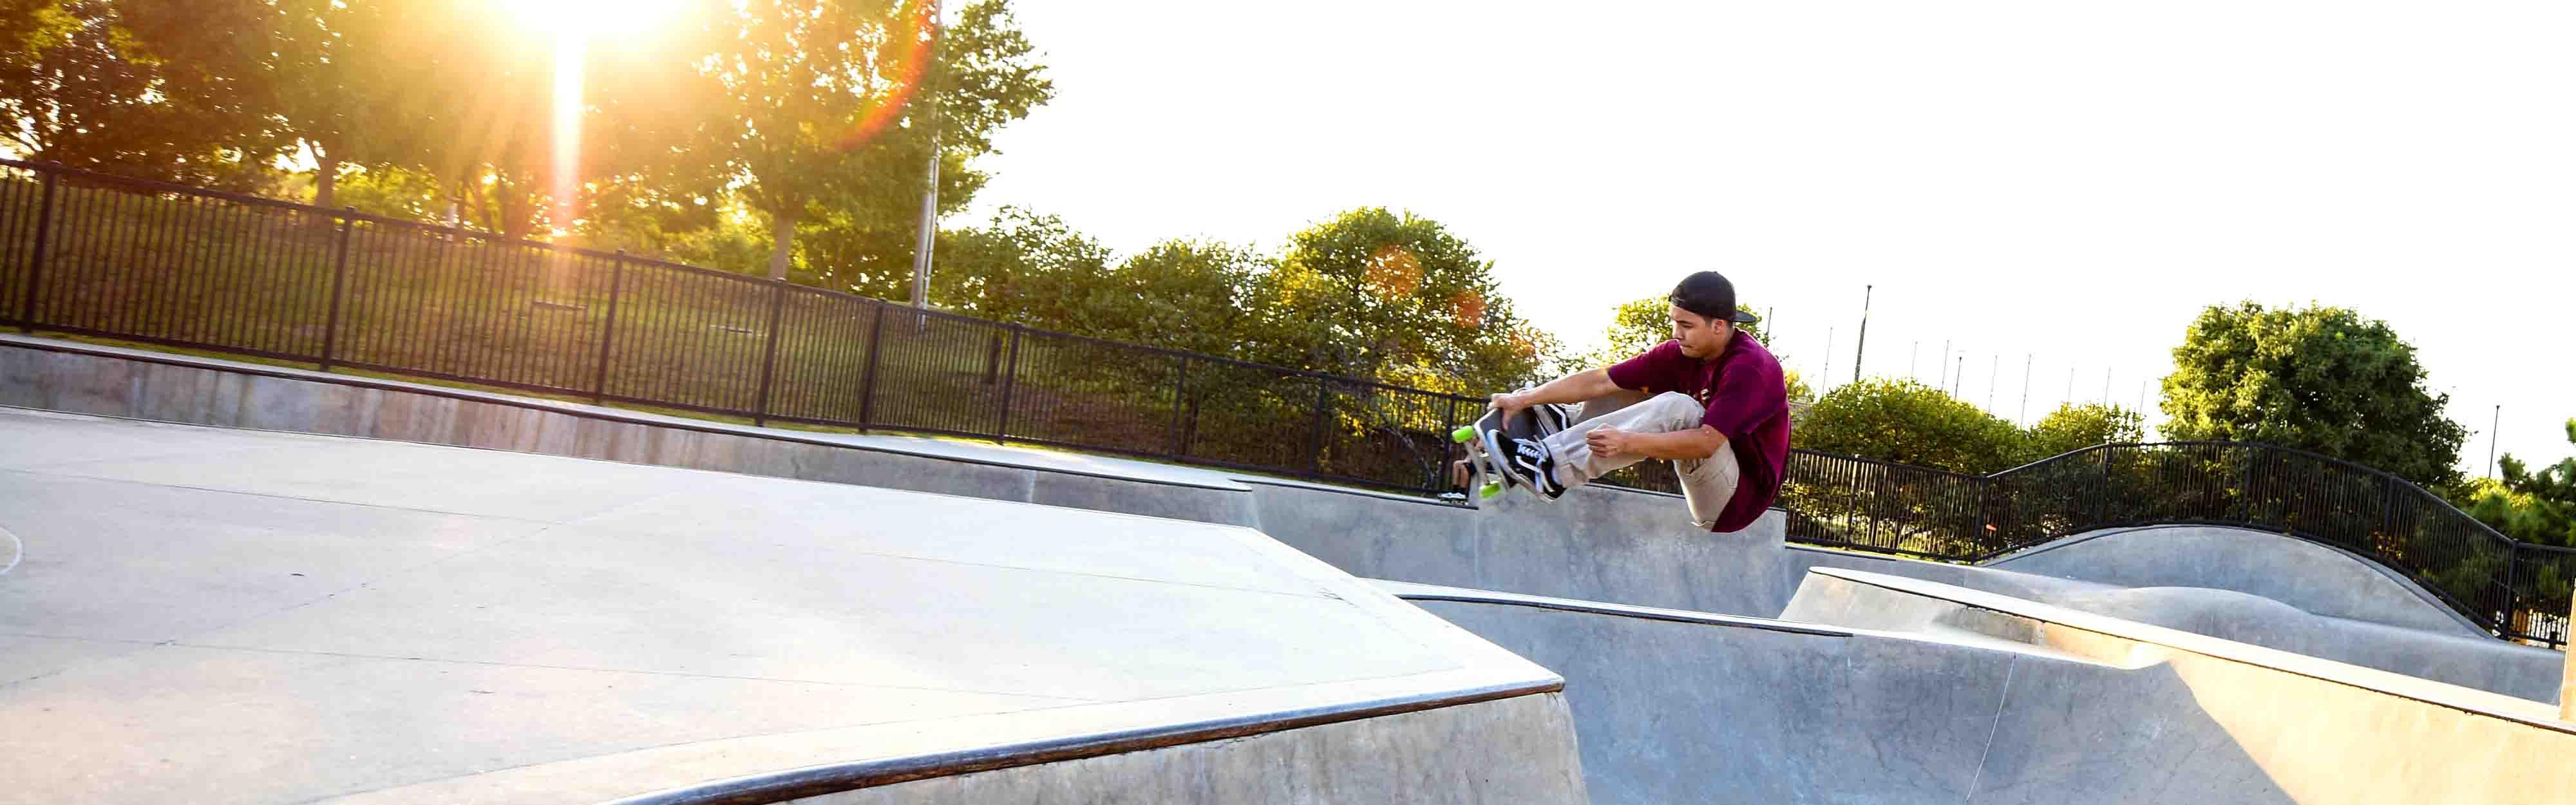 Mat Hoffman Action Sports Park 16:5